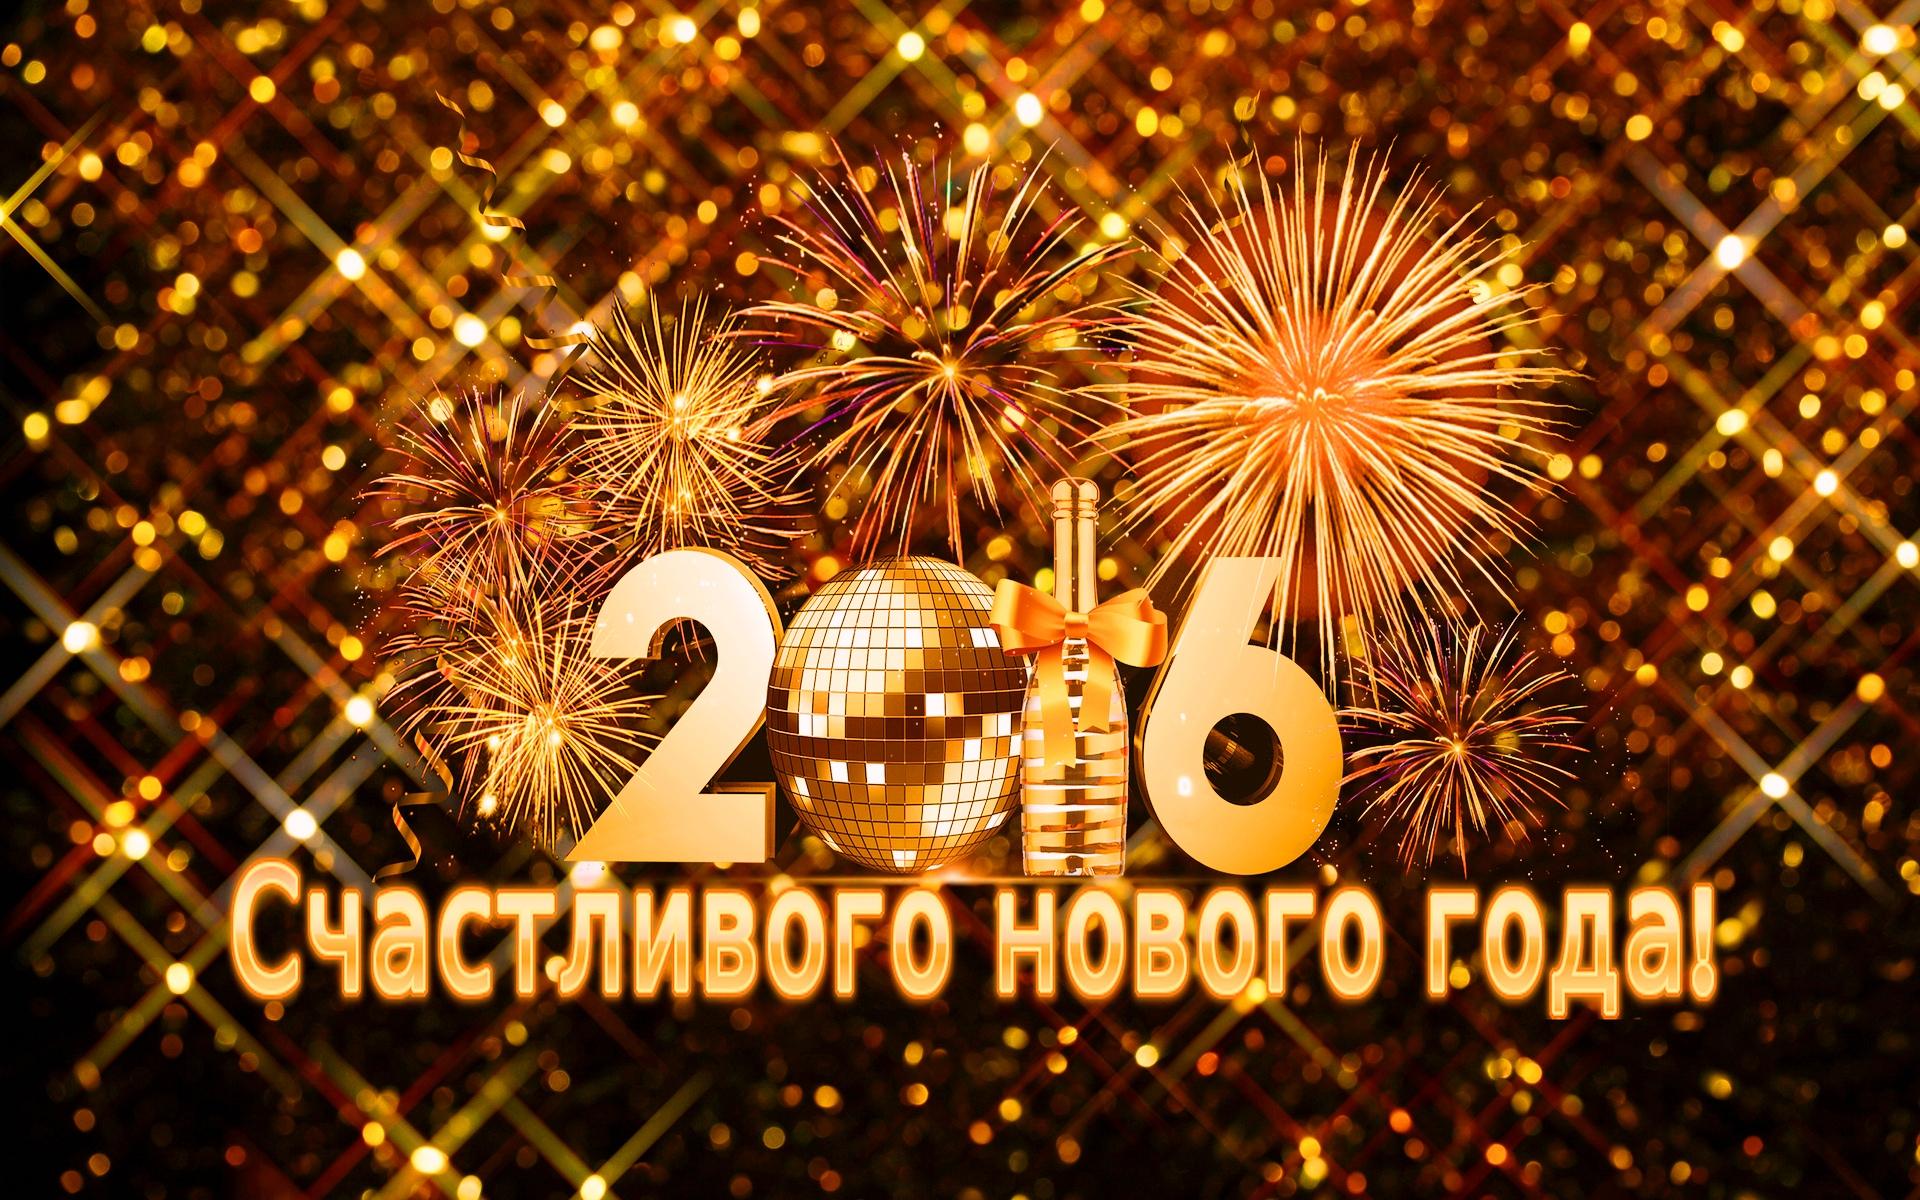 Счастливого нового года - C наступающим новым годом 2020 поздравительные картинки